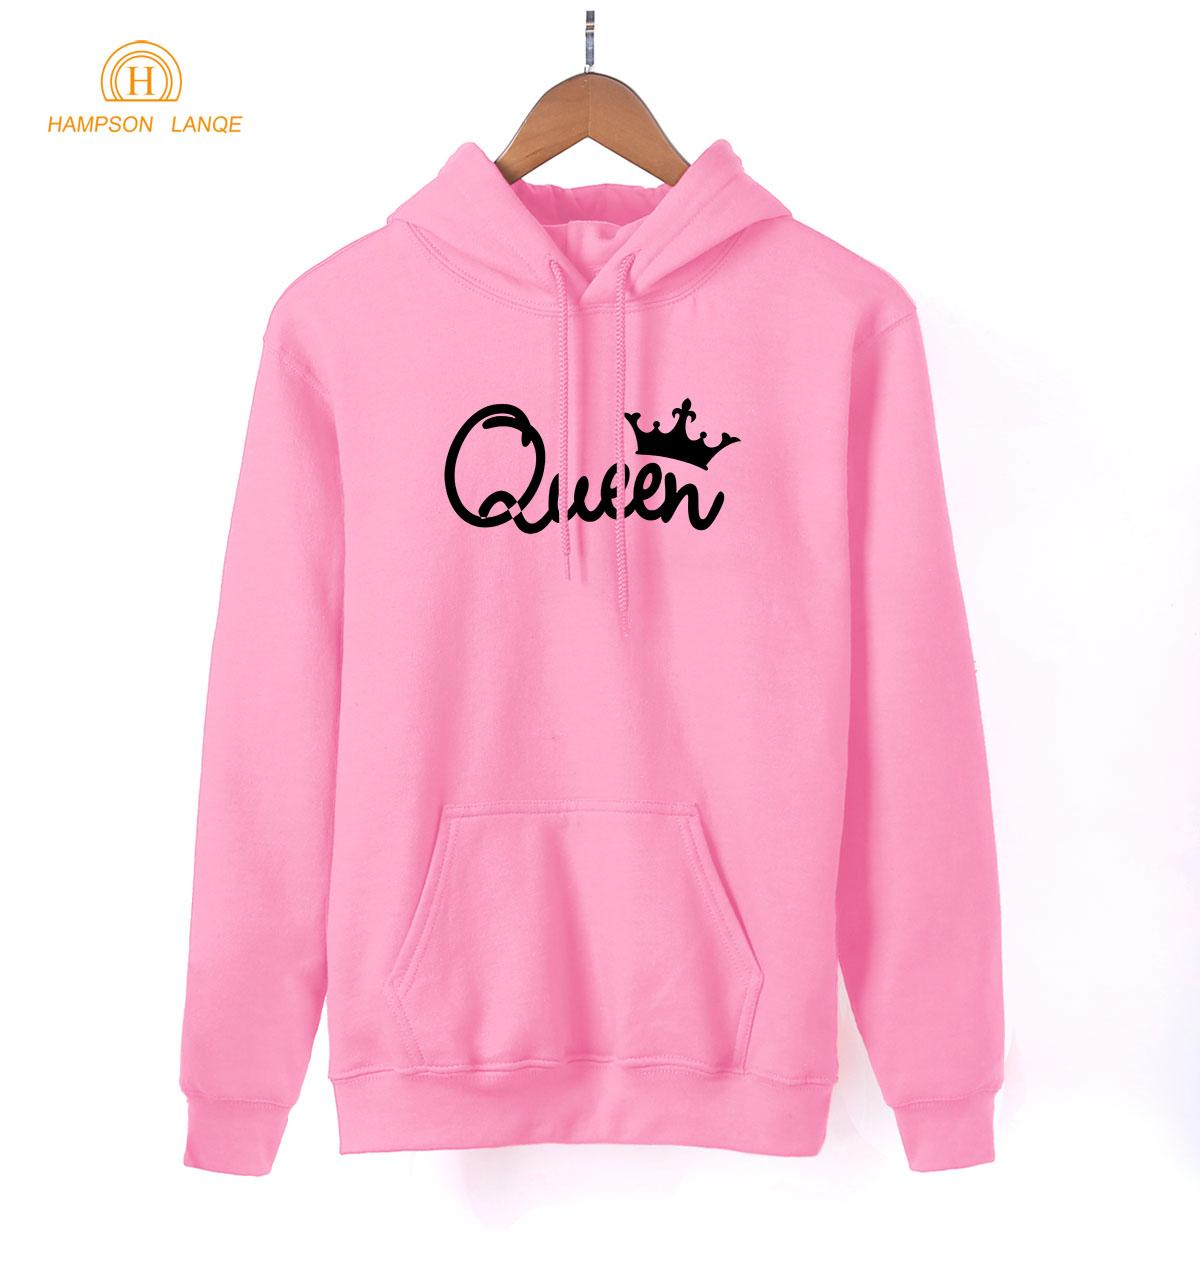 Imperial Crown Queen Print Female Pullovers 2018 Hot Spring Autumn Cute  Sweatshirts Women s Slim Fit Hoodies Pink Harajuku Hoody UK 2019 From  Hermanw aab9c8201c0d